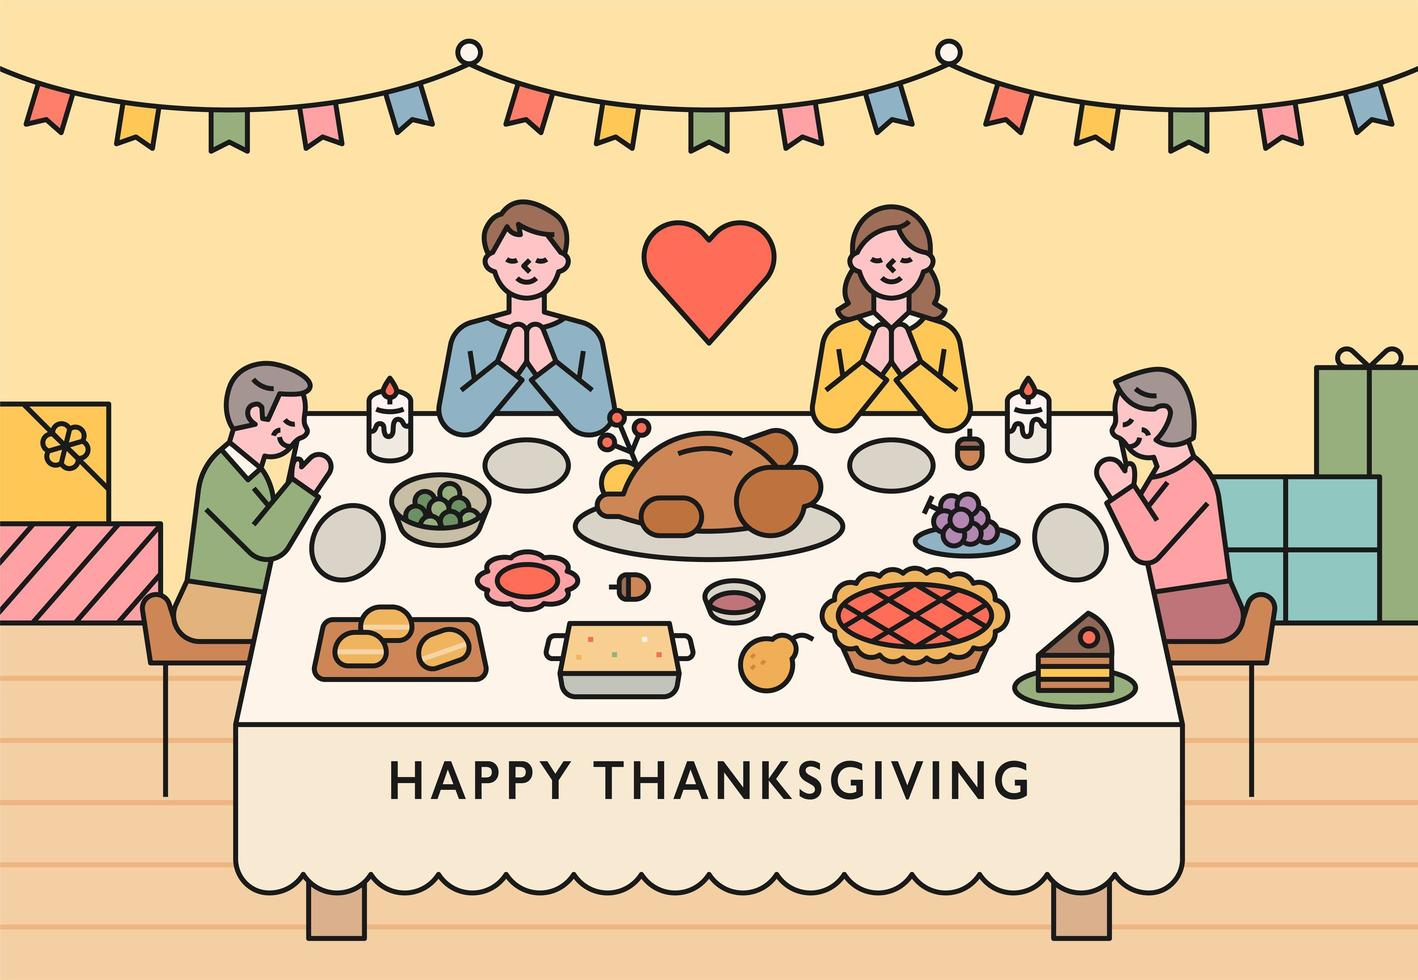 le famiglie sono sedute attorno a un tavolo per il ringraziamento e la preghiera vettore